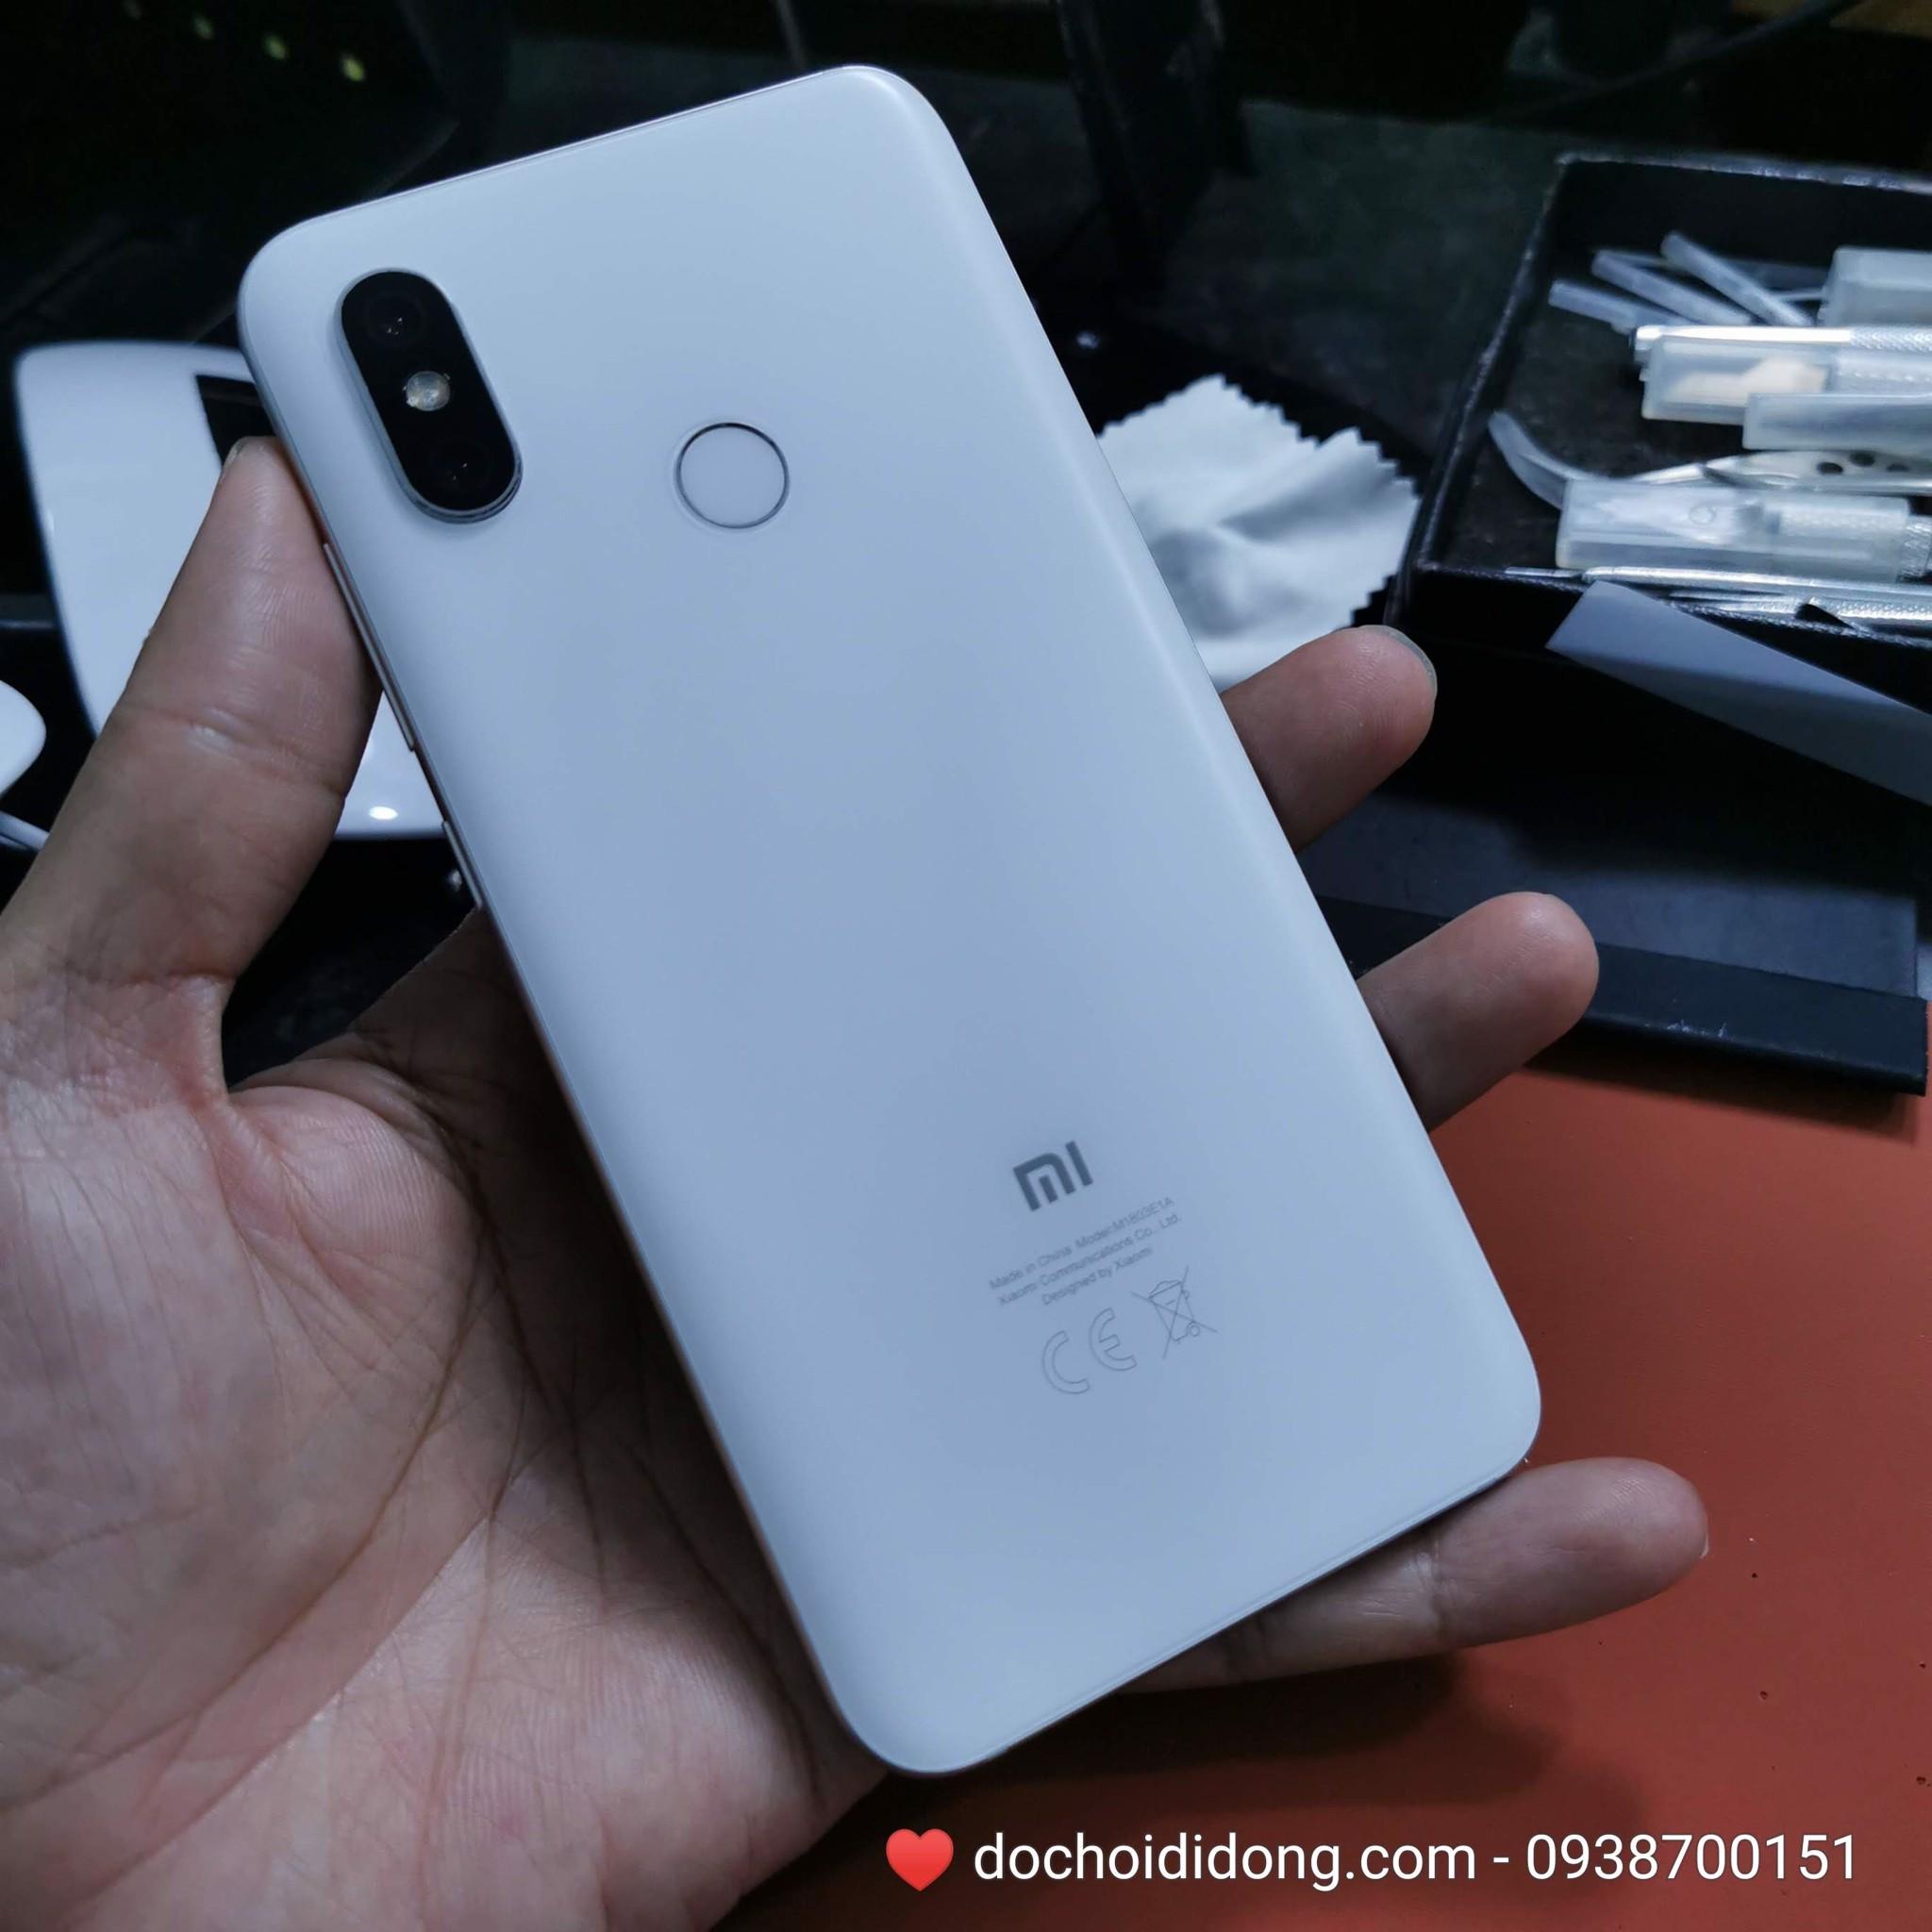 Miếng dán PPF Rock Xiaomi Mi 8 trong, nhám, đổi màu cao cấp